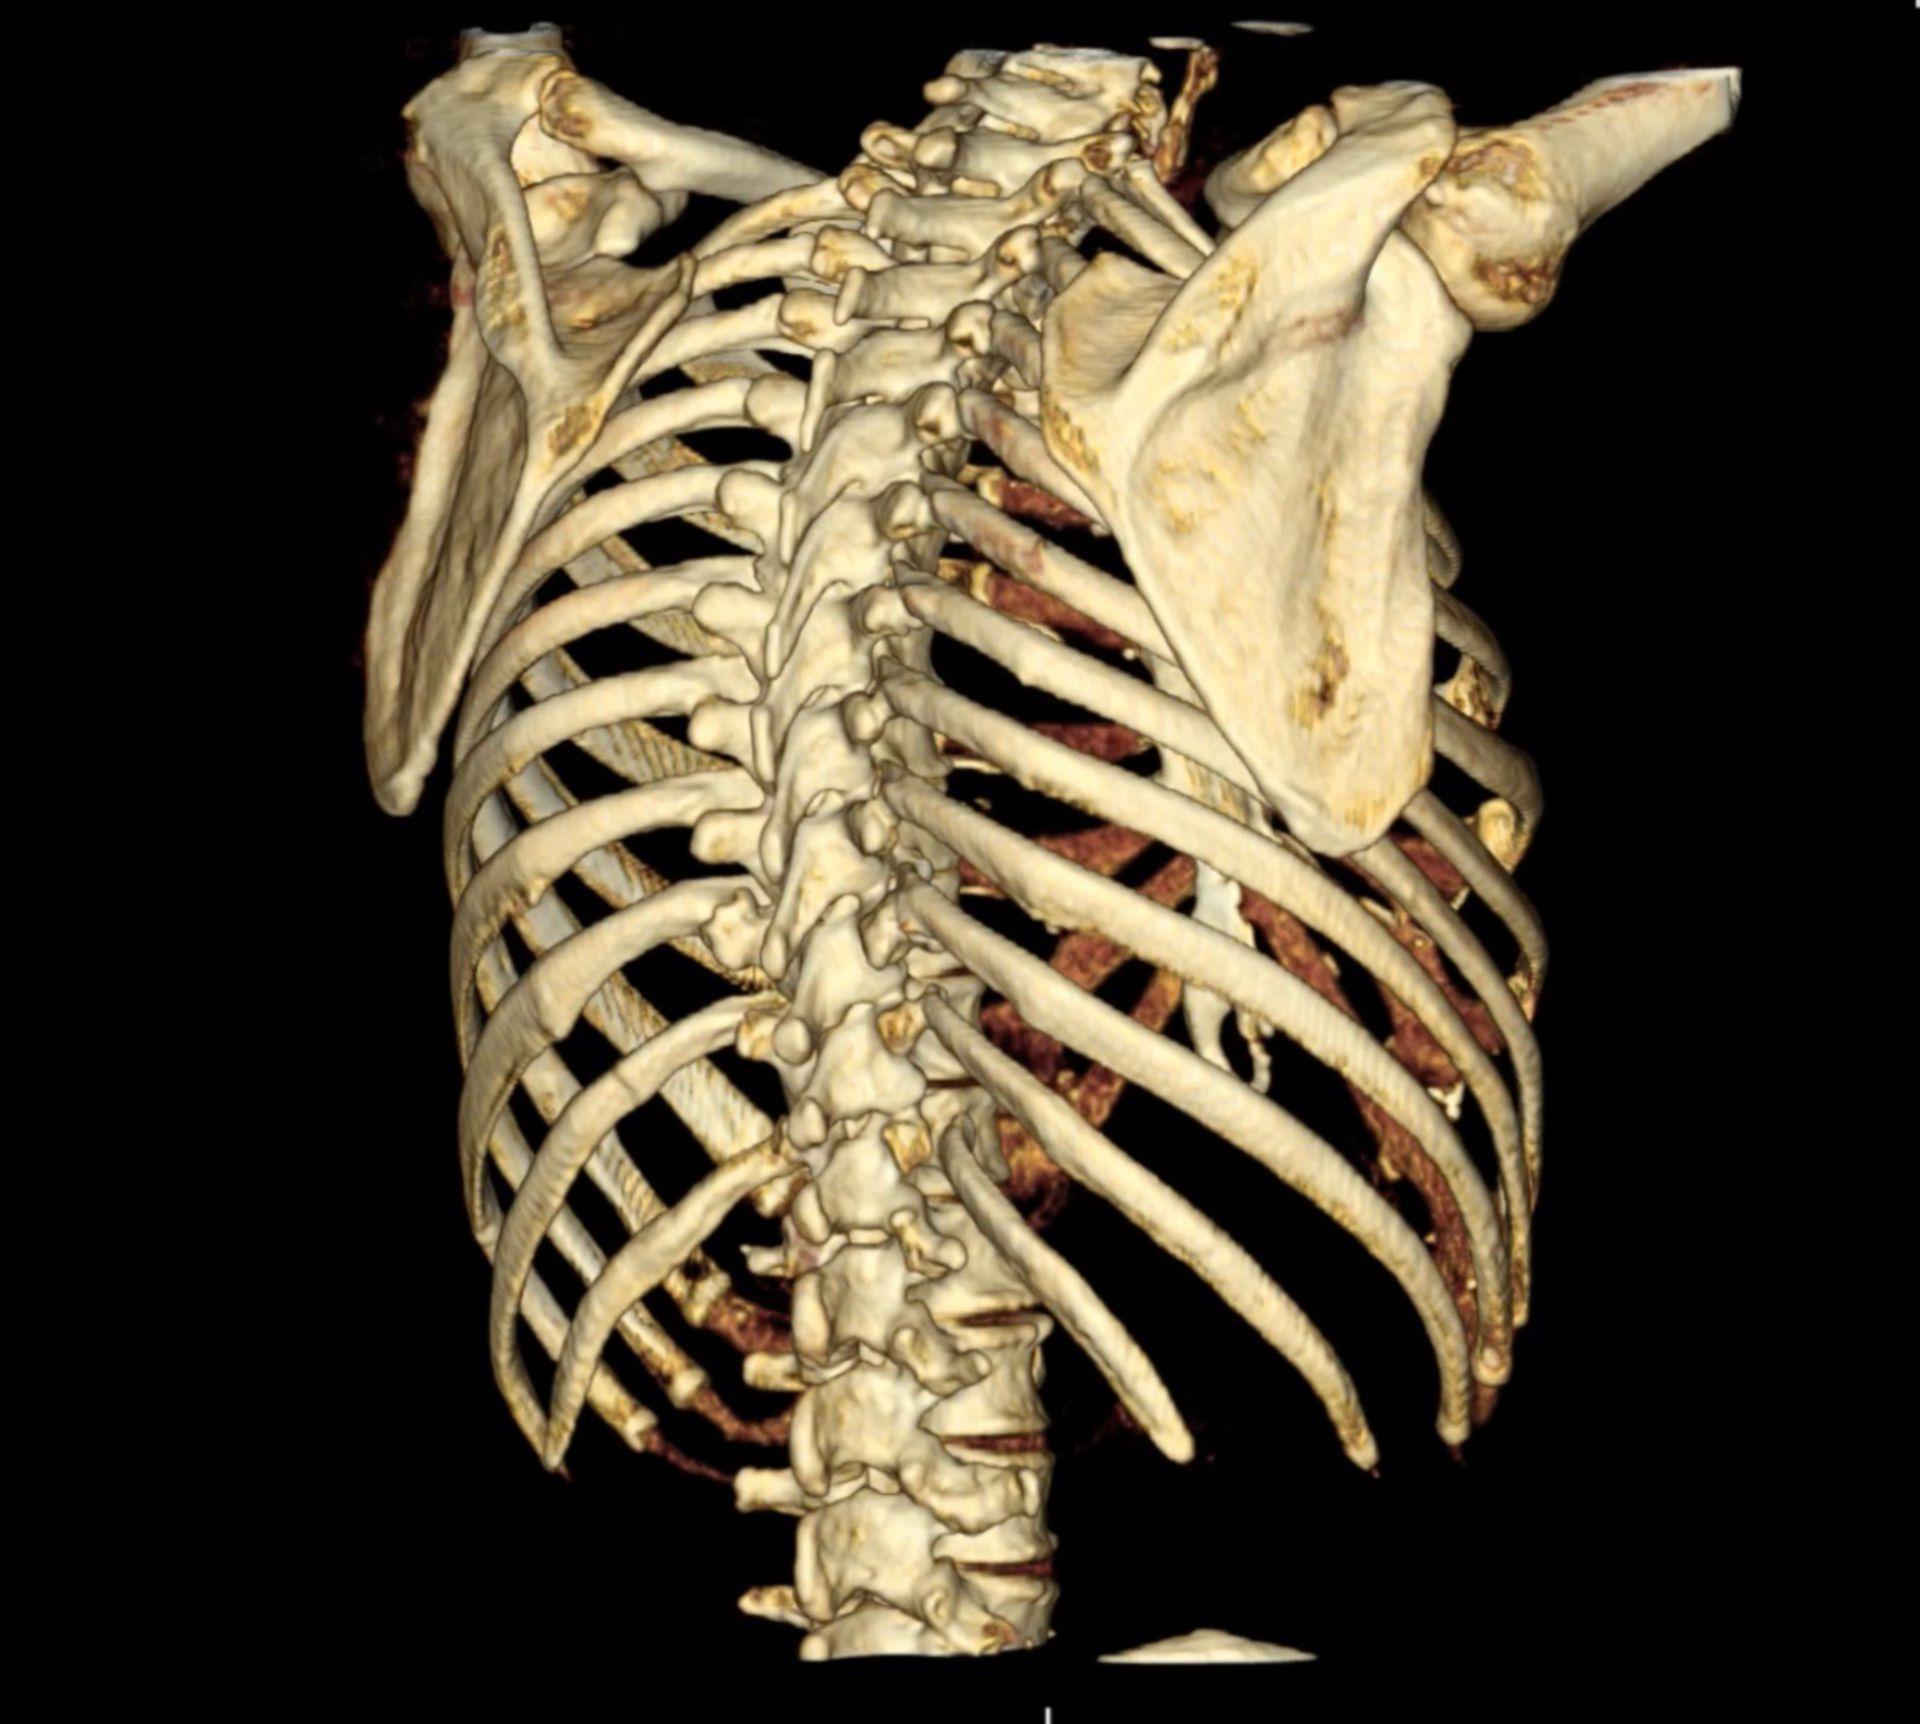 3D-Rekonstruktion einer CT des Thorax mit Ansicht von dorsal mit Rippenfraktur